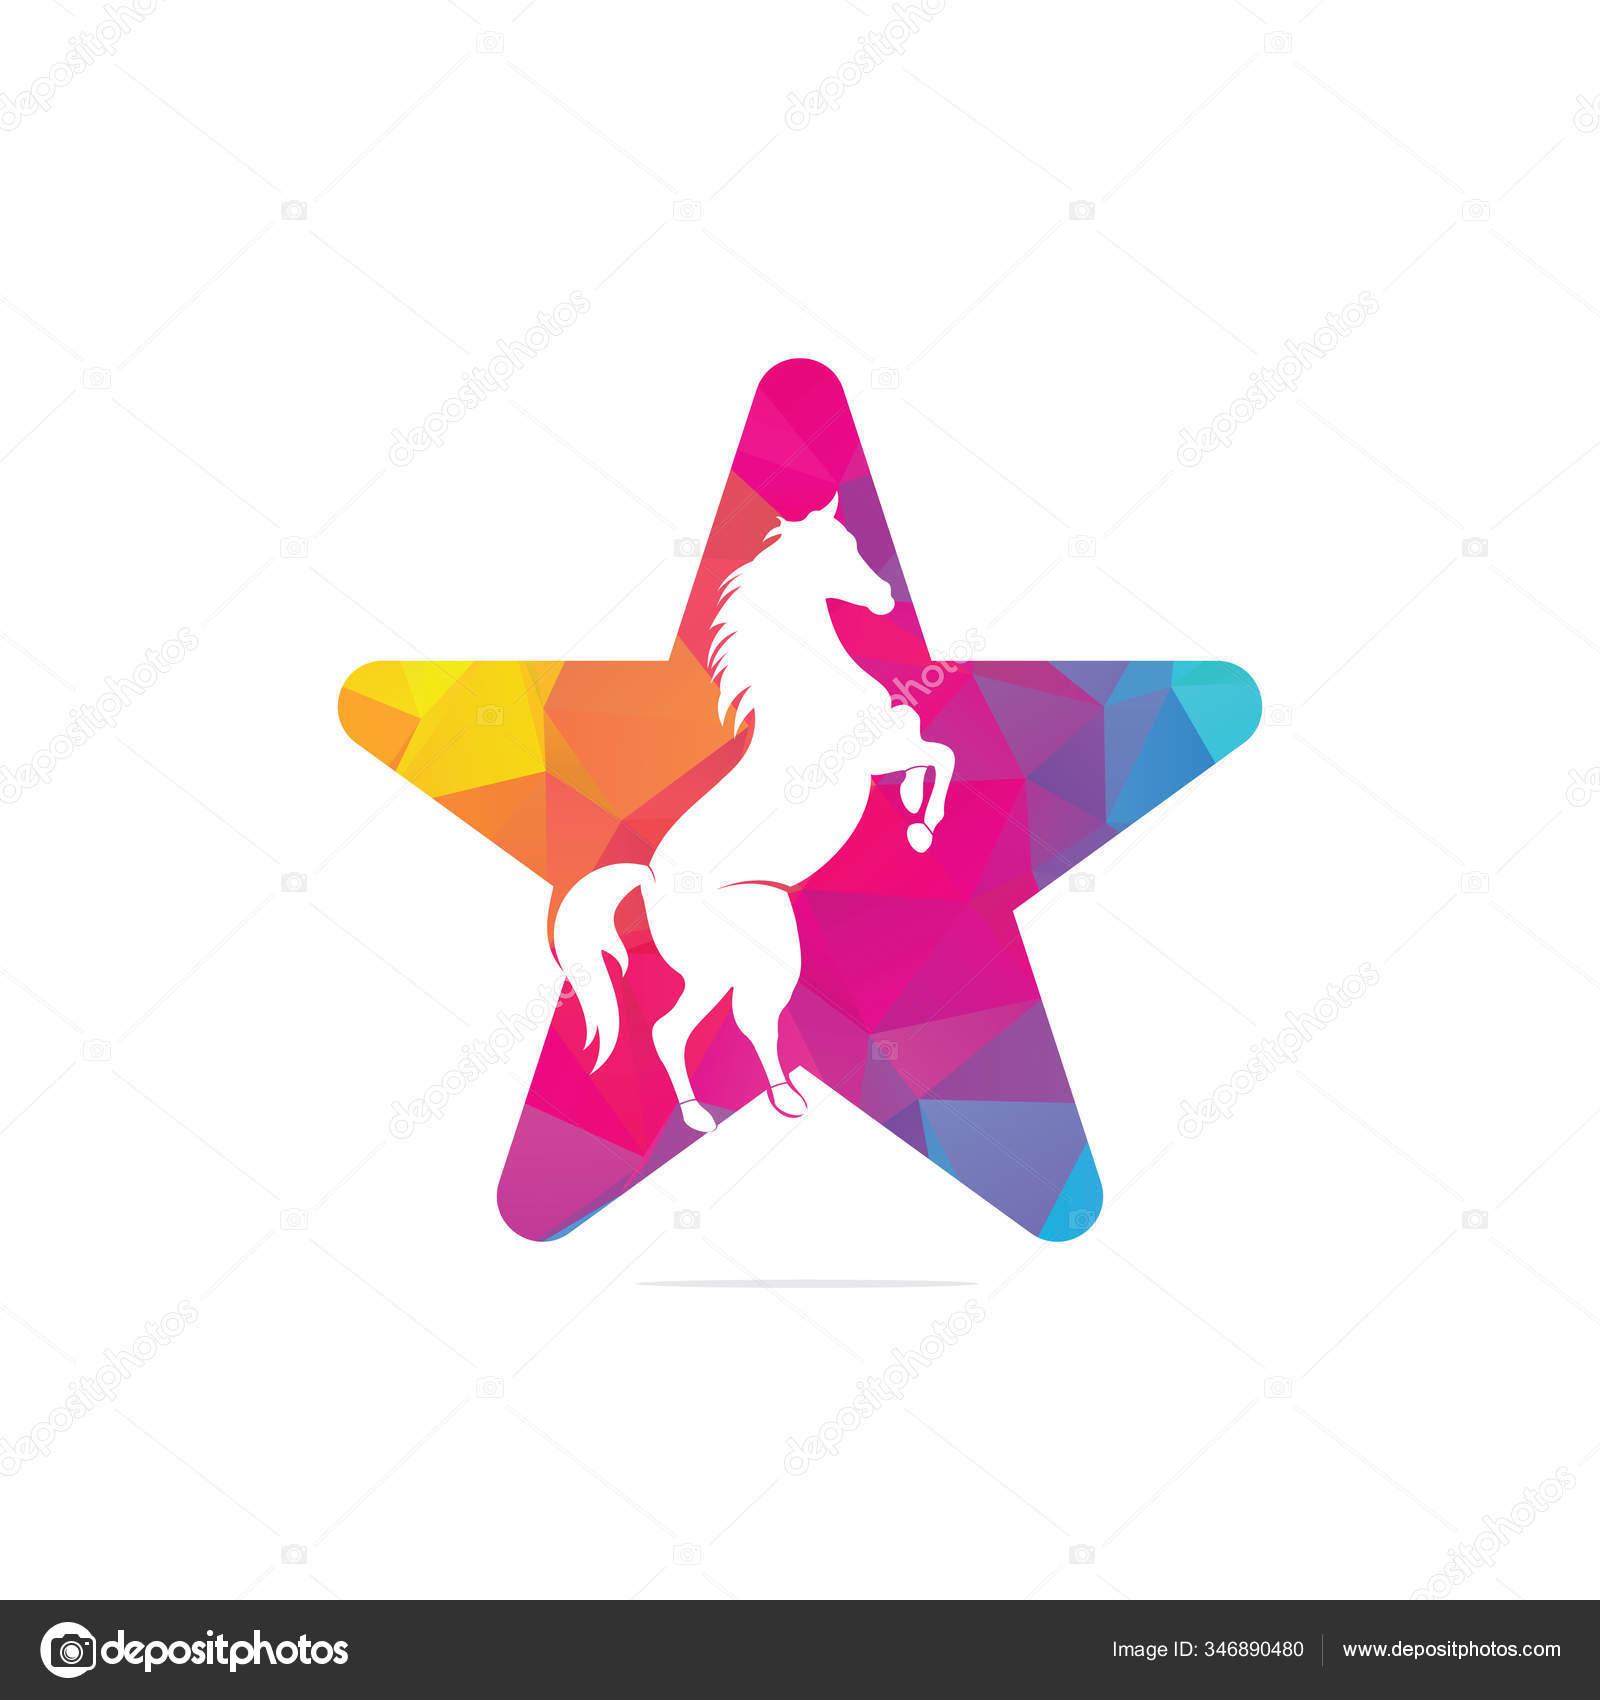 Star Horse Logo Design Wild Ideas Logo Concept Stock Vector C Umerdeartist 346890480